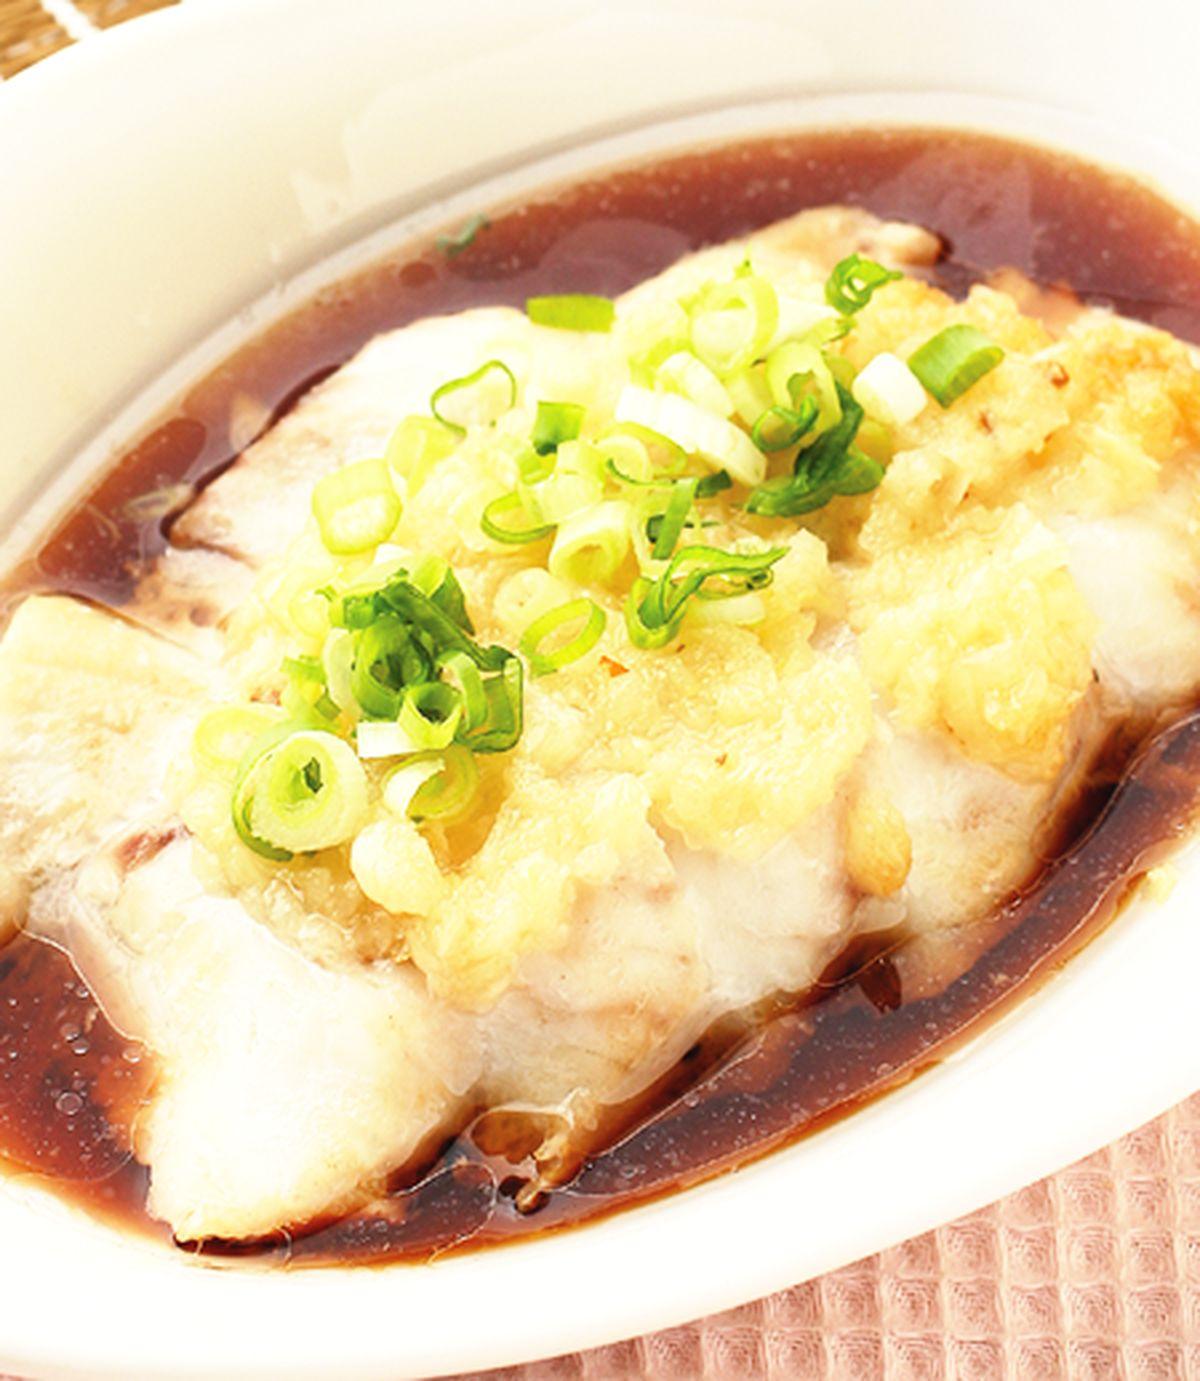 食譜:蒜泥蒸魚片